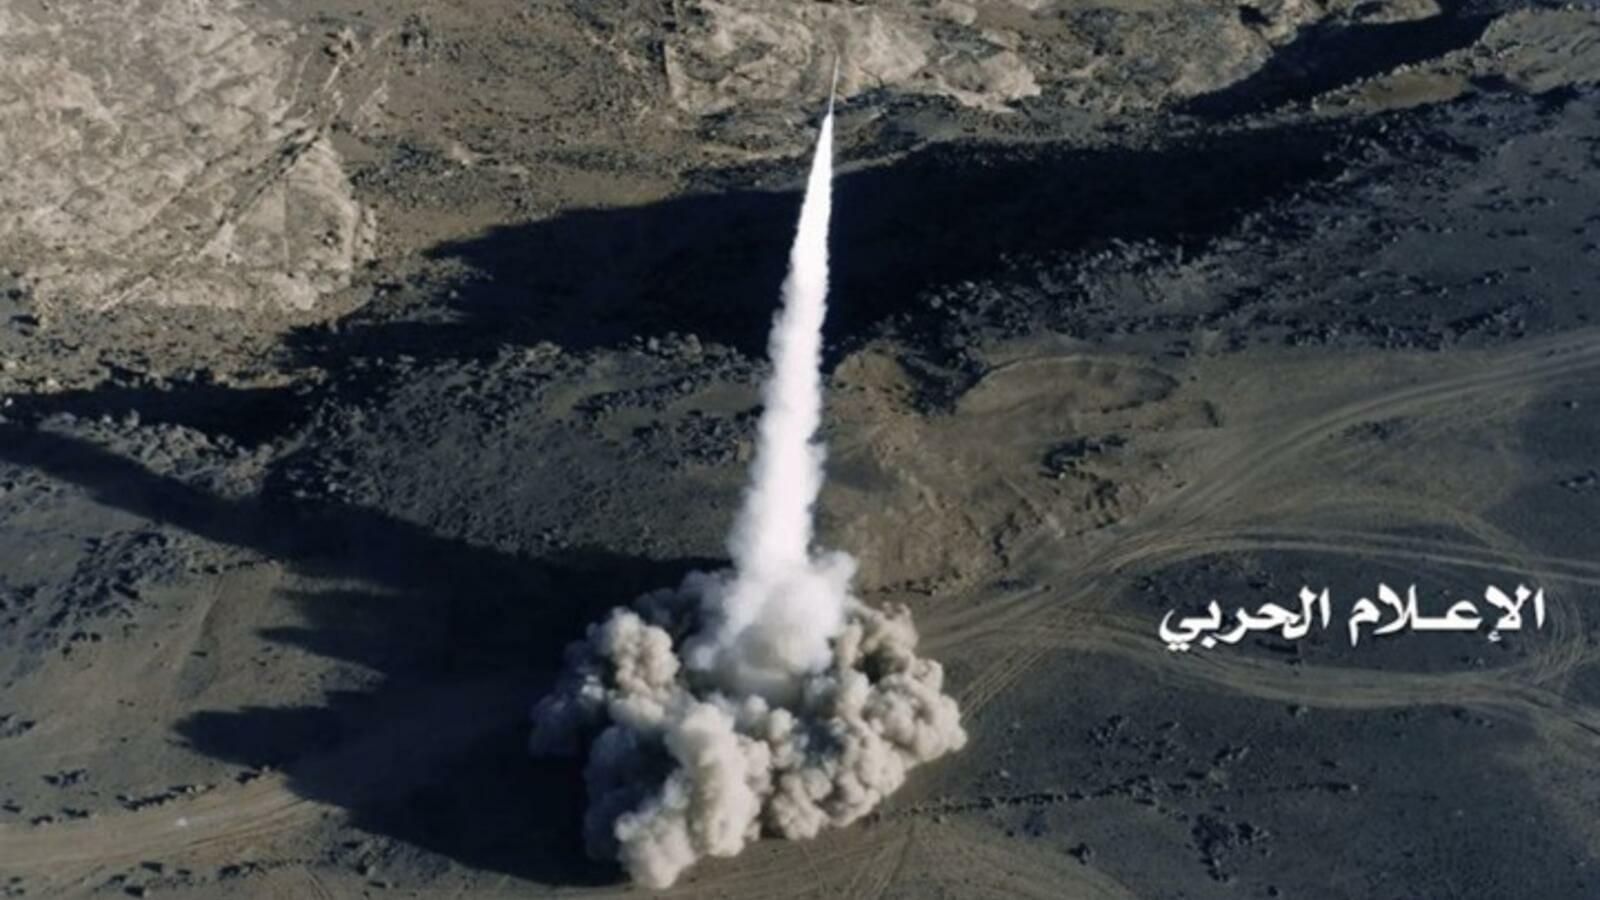 صحيفة العرب تسخر من قدرات السعودية العسكرية